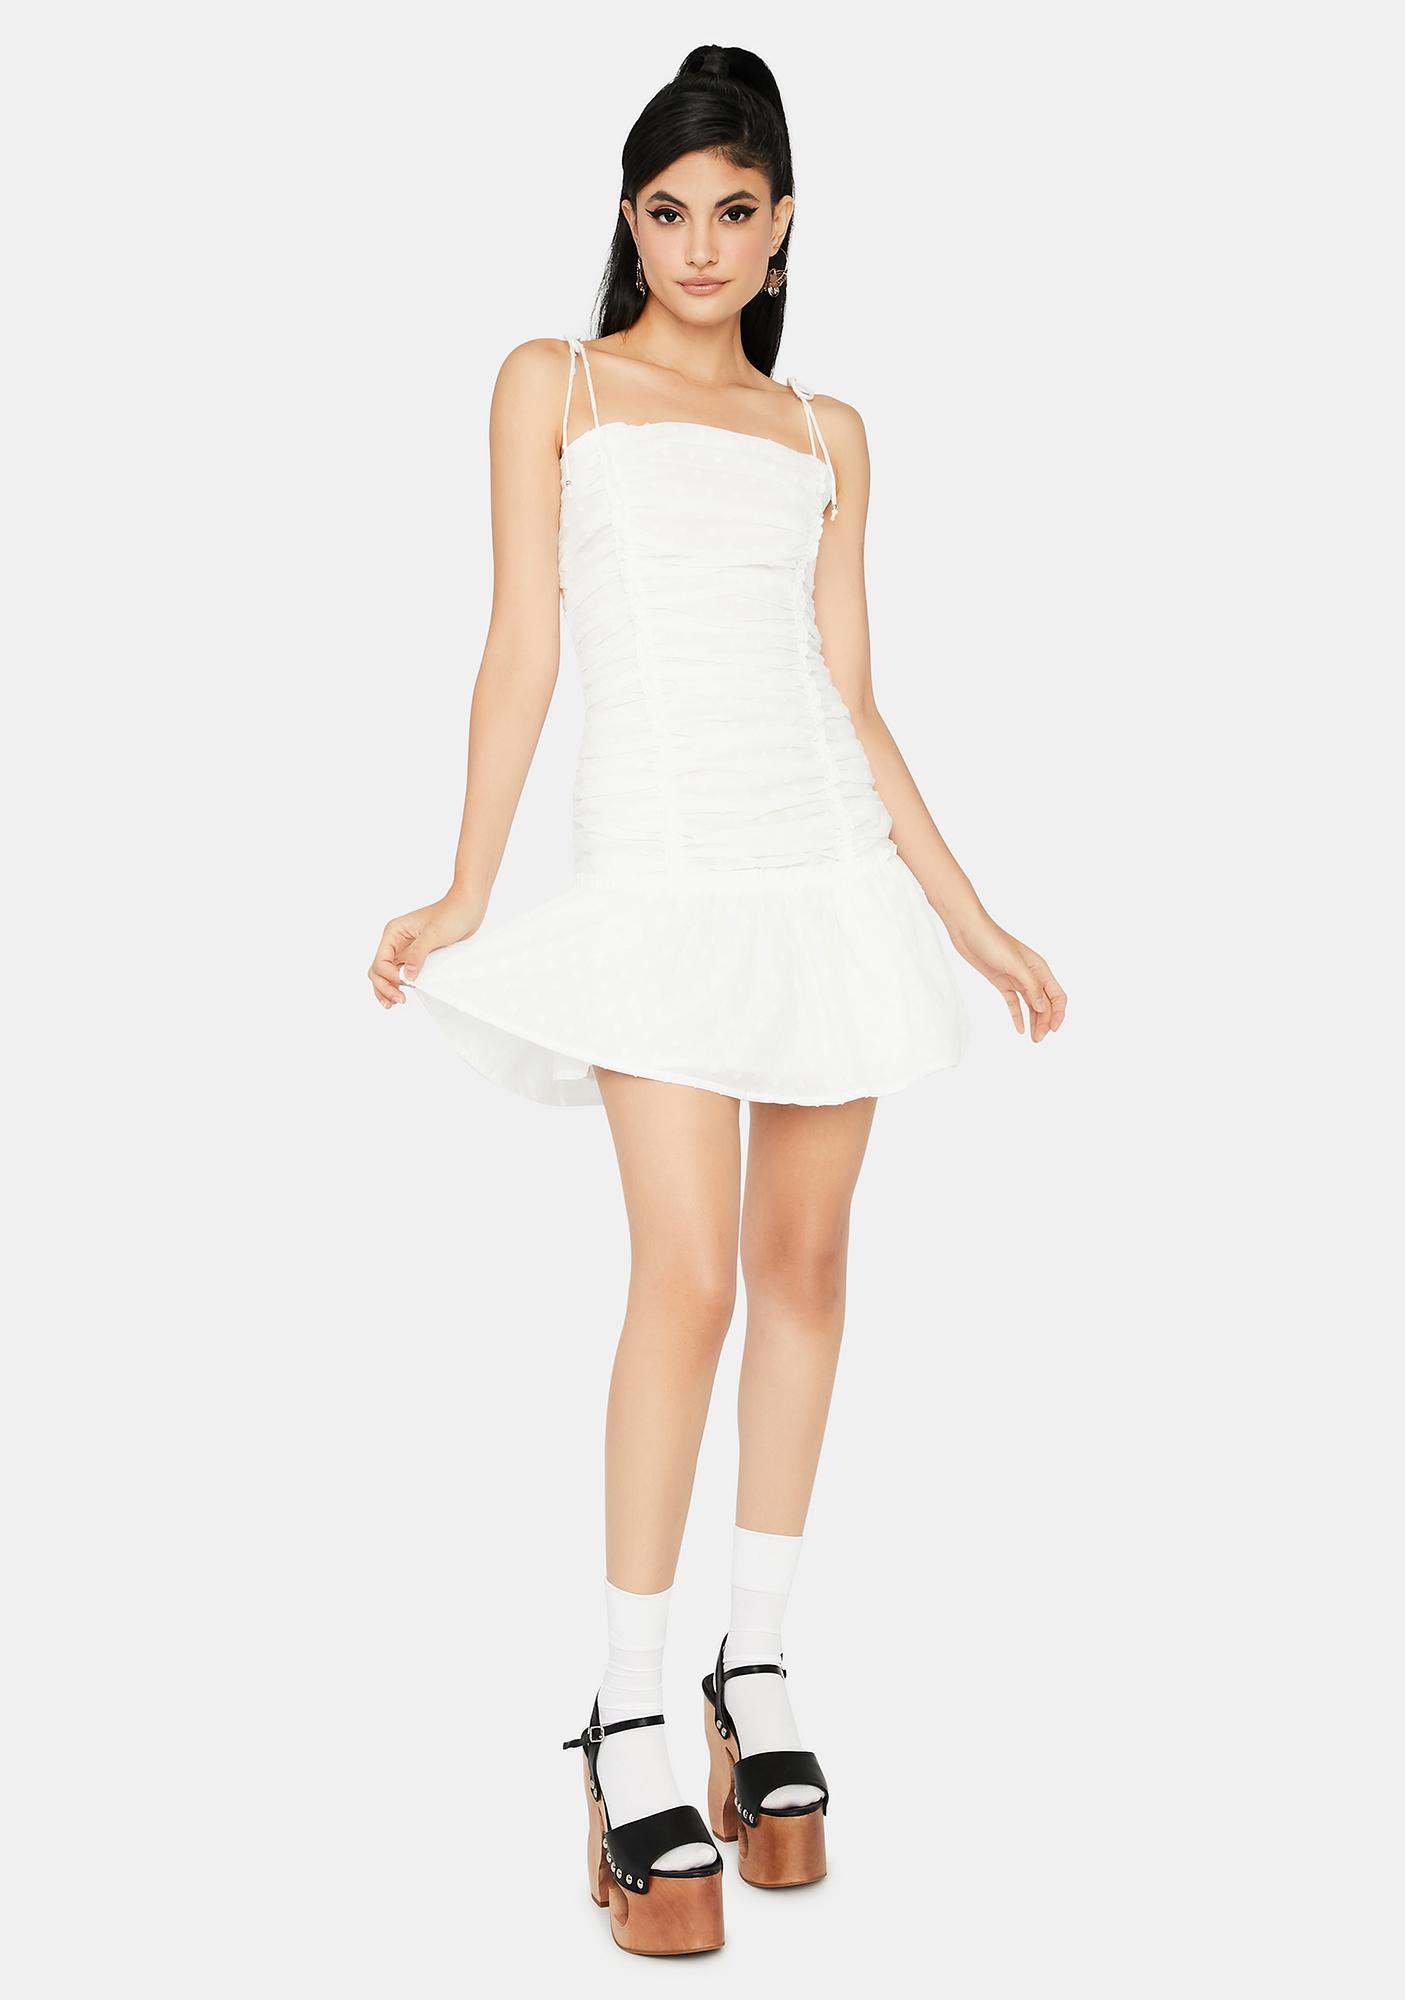 Quartz Elegant Tea Party Ruched Dress